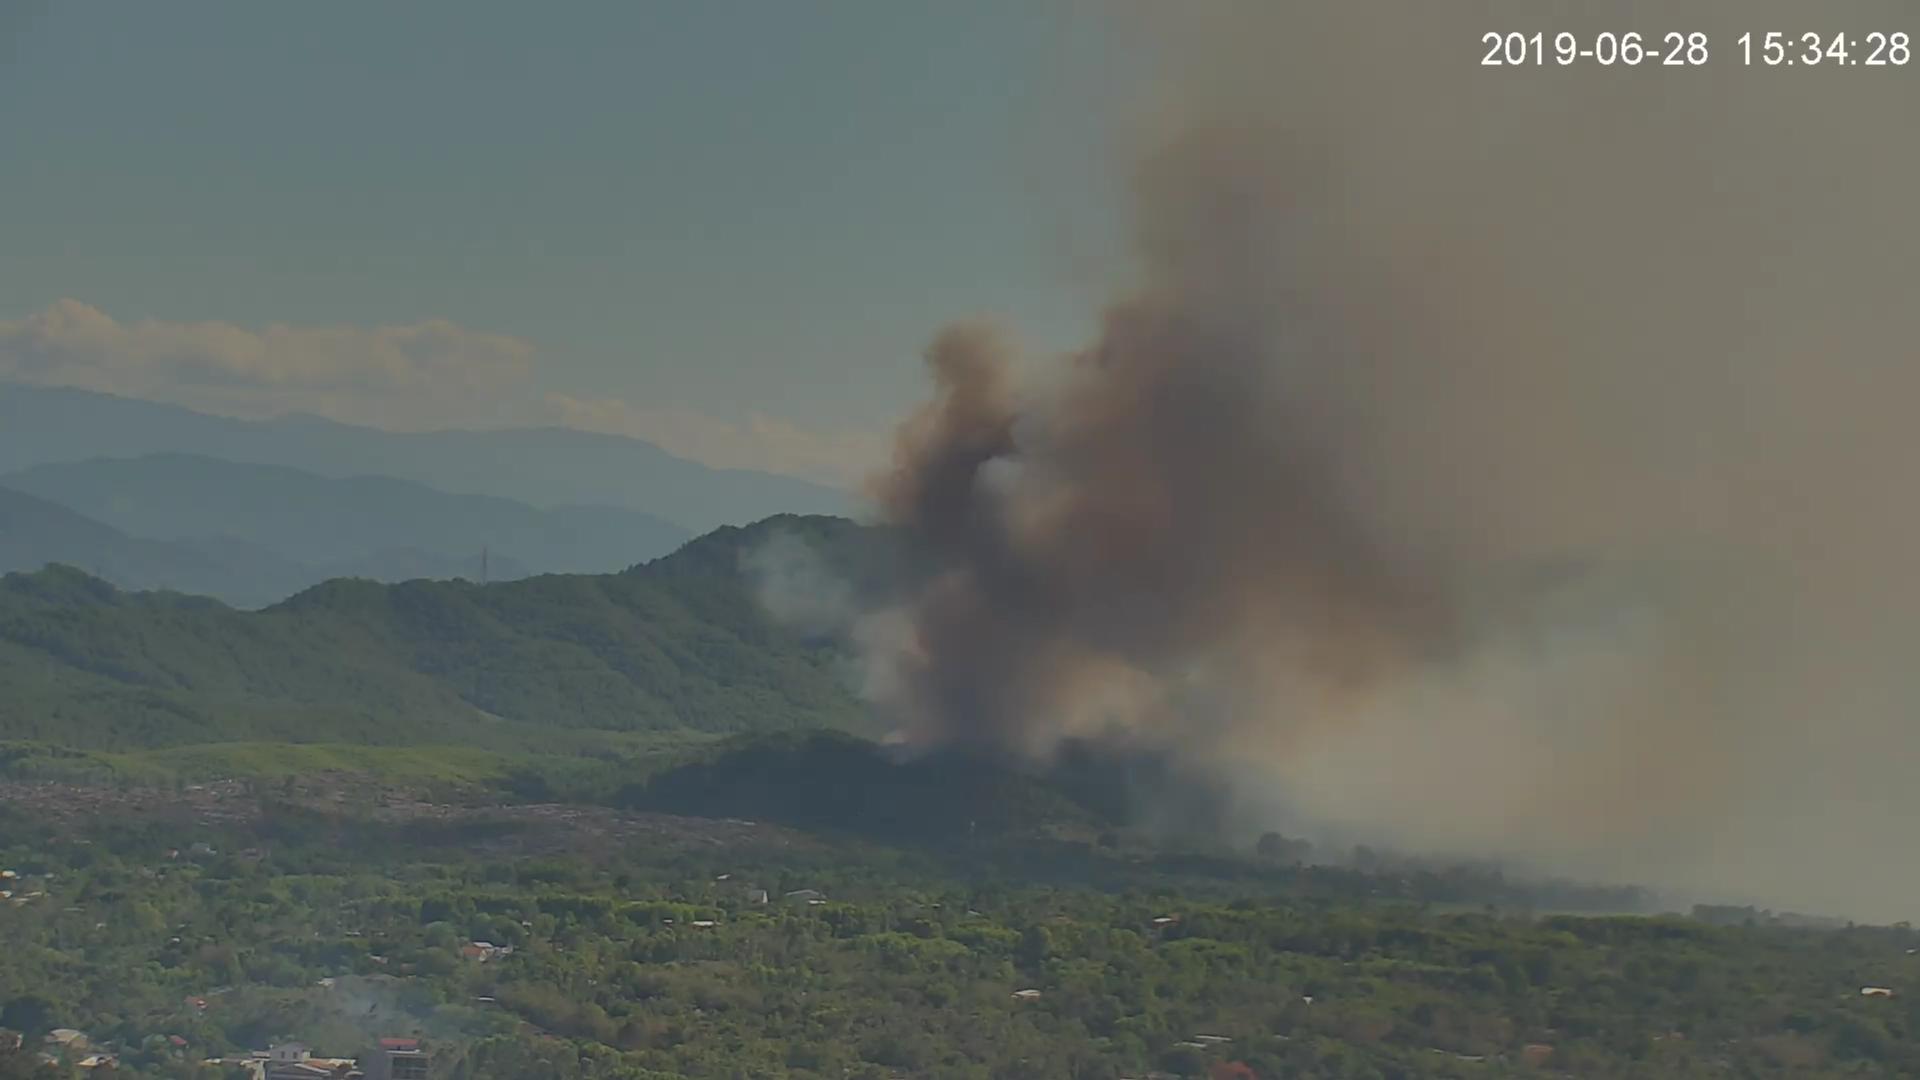 Camera tại Trung tâm IOC hỗ trợ giám sát, theo dõi vị trí, tình hình cháy rừng trong đợt nắng nóng gay gắt trên địa bàn tỉnh Thừa Thiên Huế trong những tháng vừa qua | Ảnh: IOC